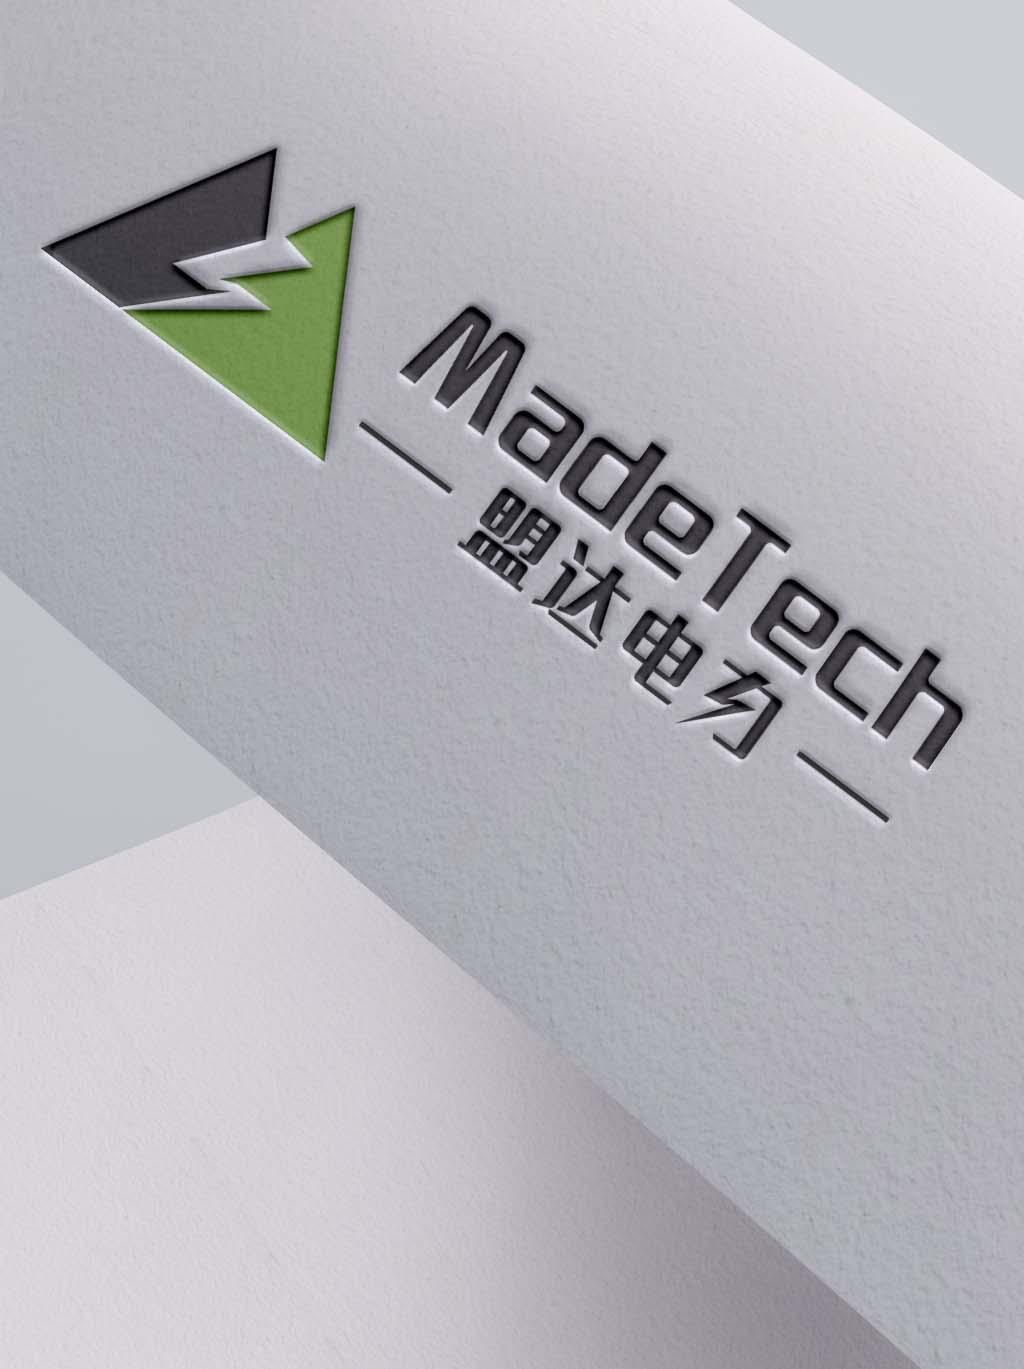 公司名对应英文名及logo设计_3035159_k68威客网